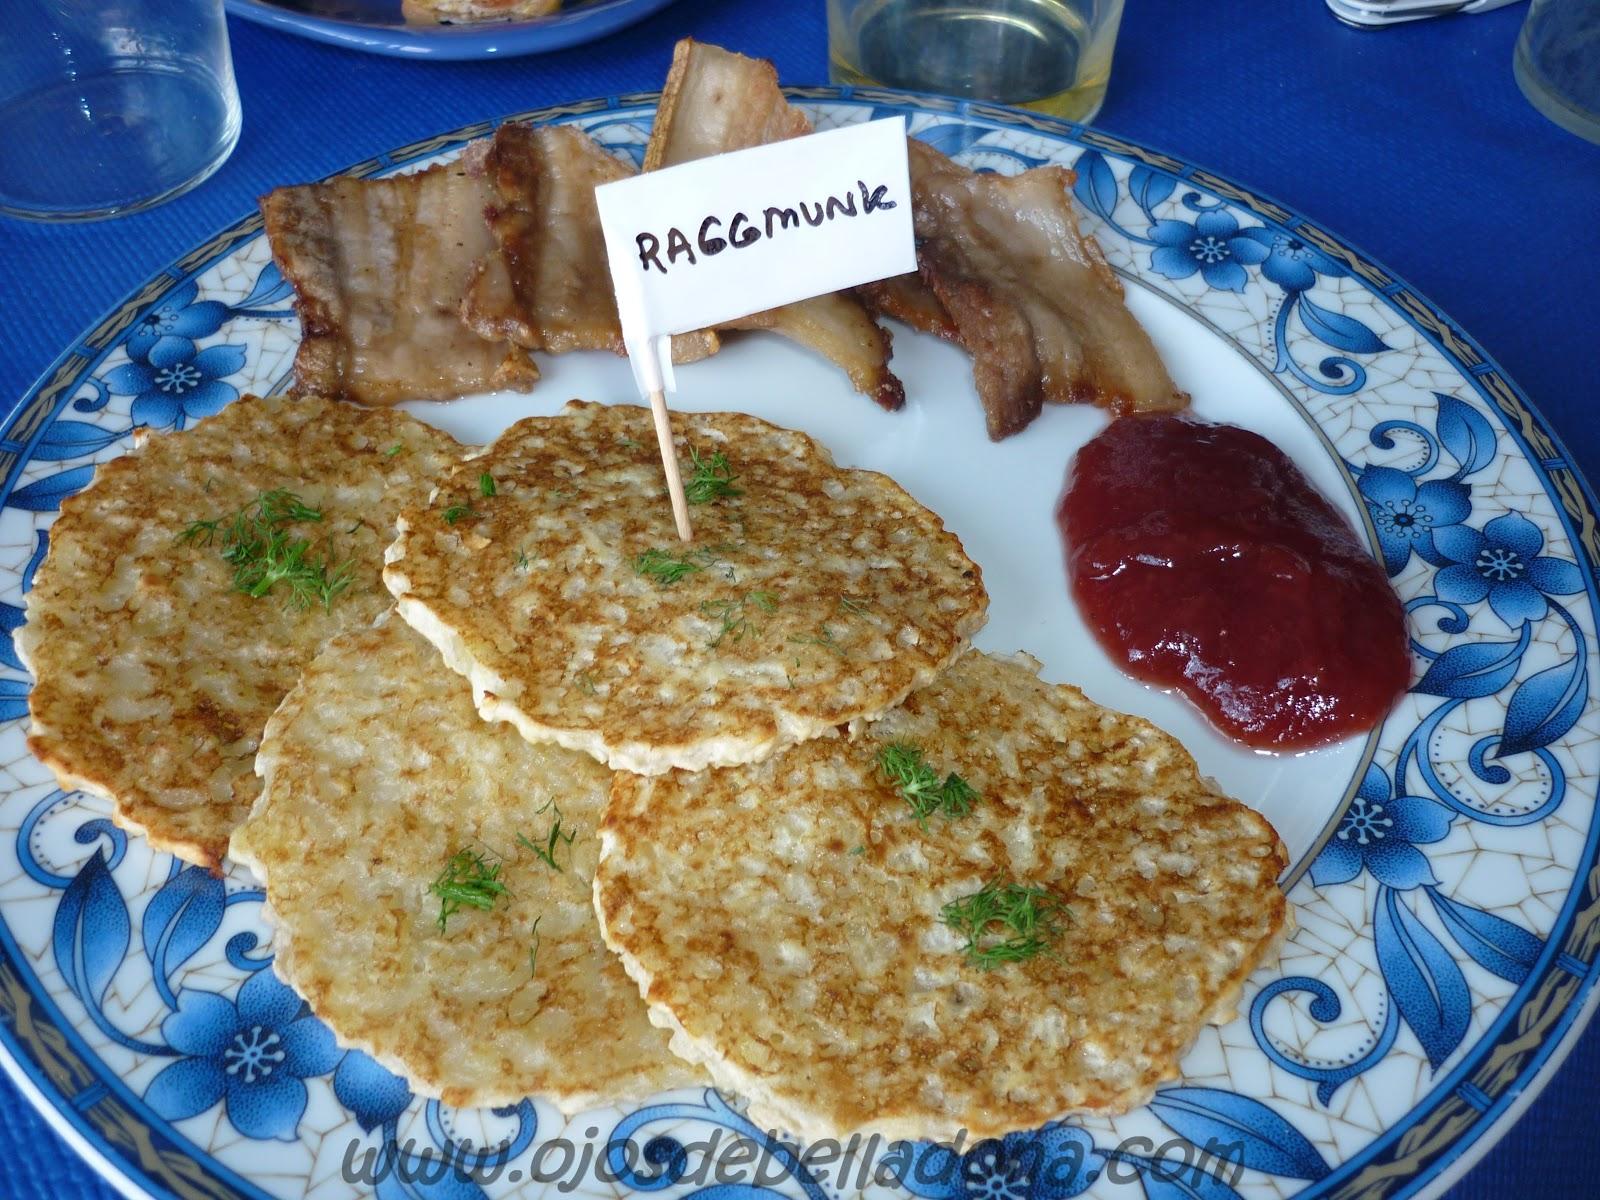 Raggmunk, comidas del mundo, Suecia, sueca